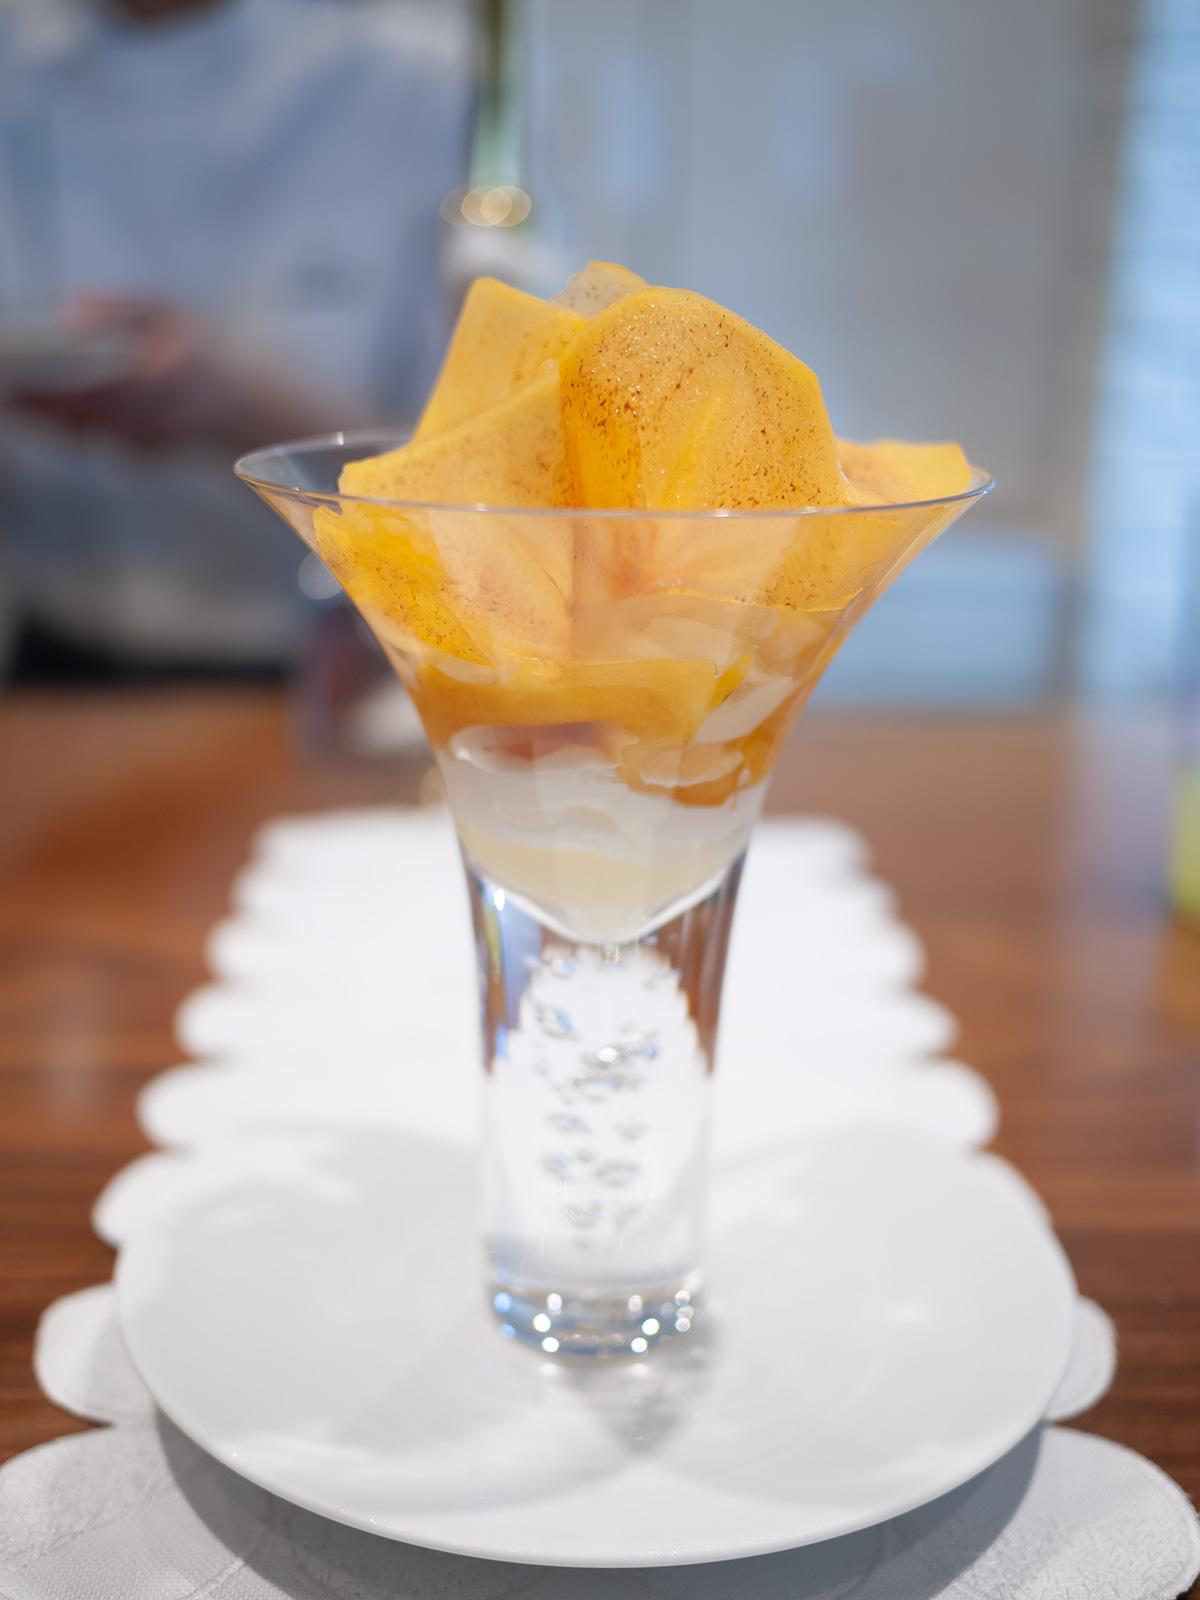 柿と百合根のパフェ:柿、百合根、文旦